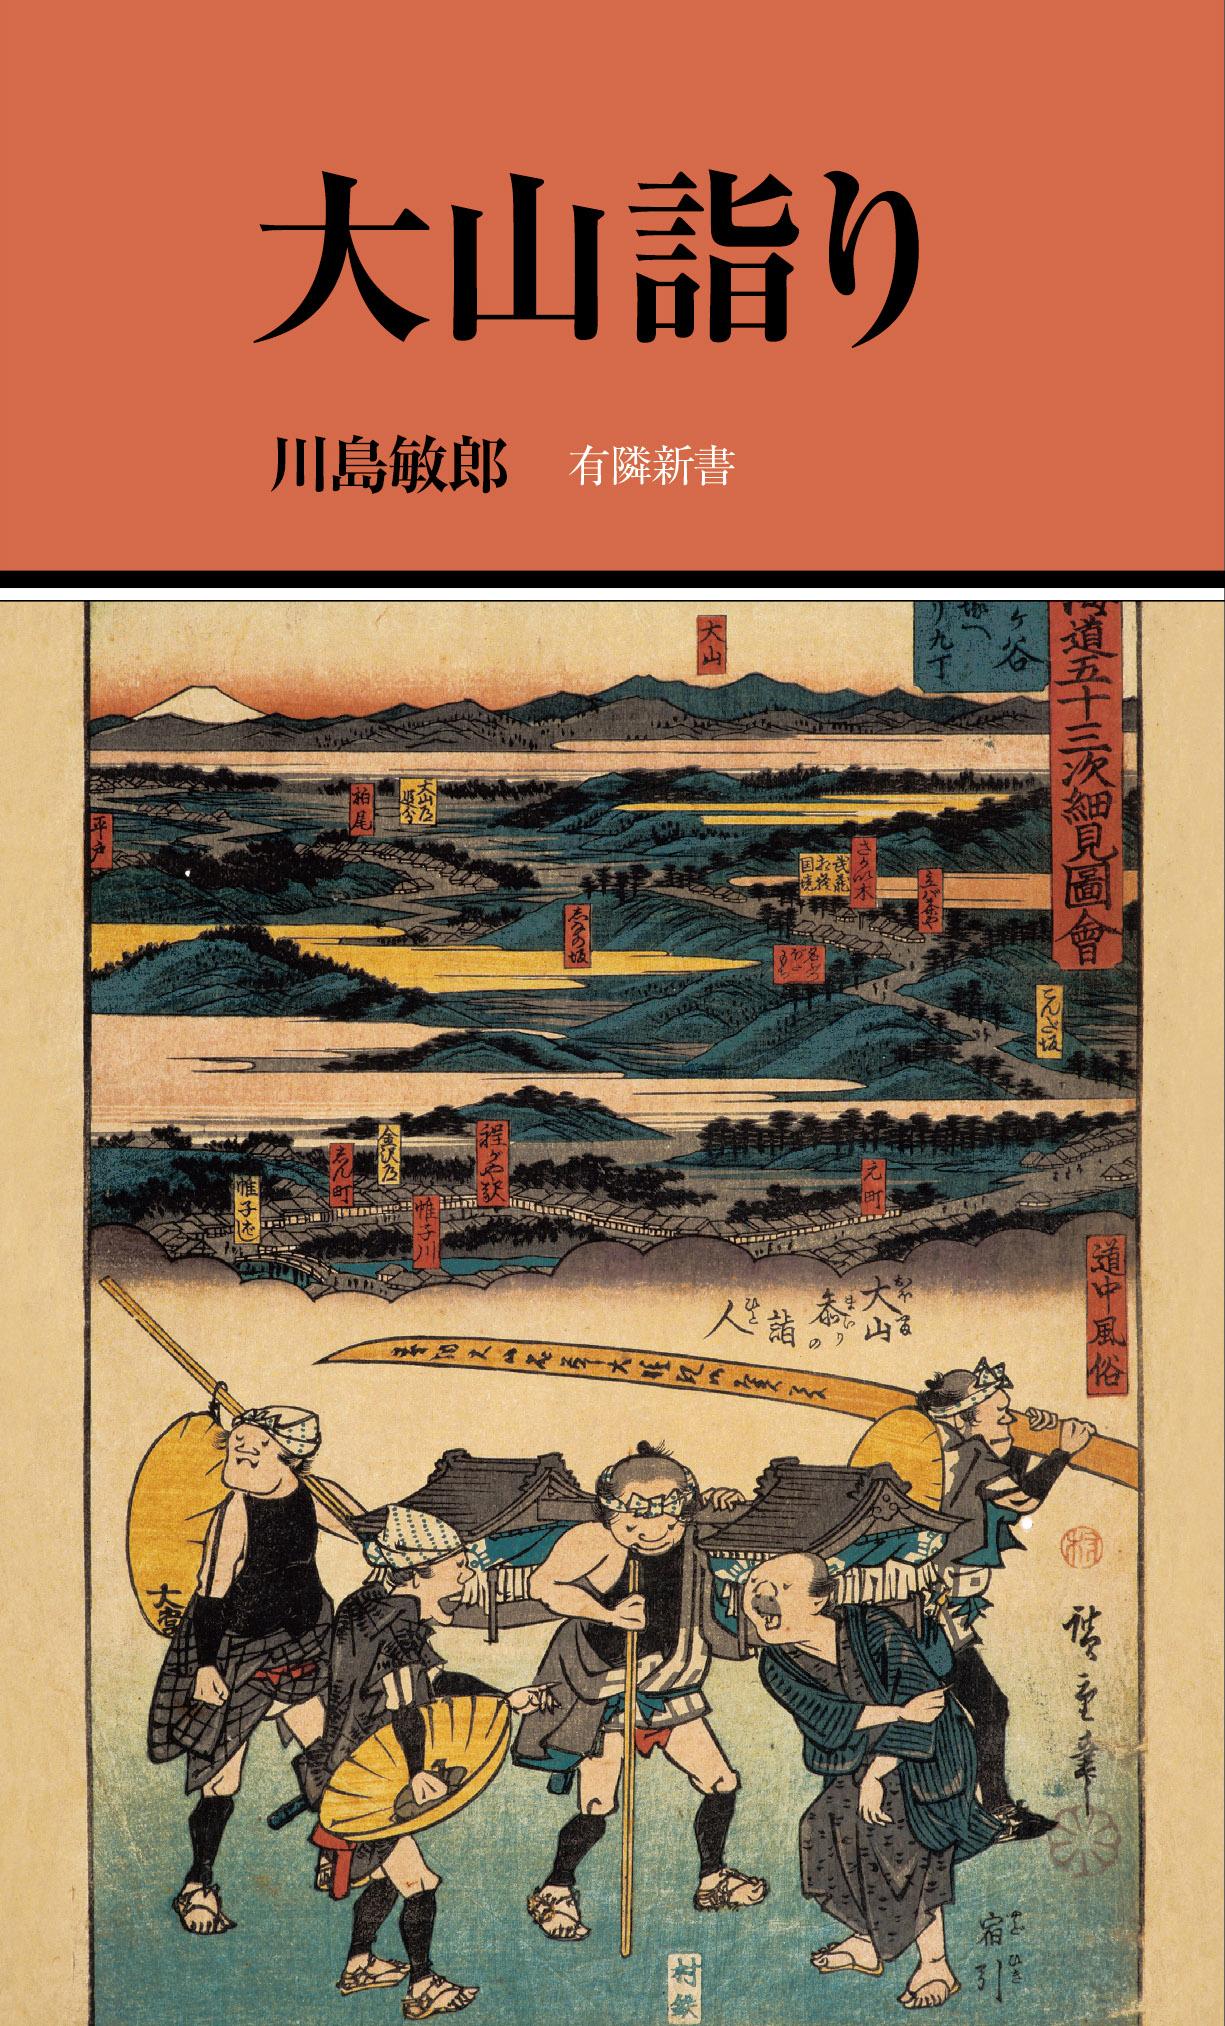 大山詣り(4月刊行) ご予約受付中